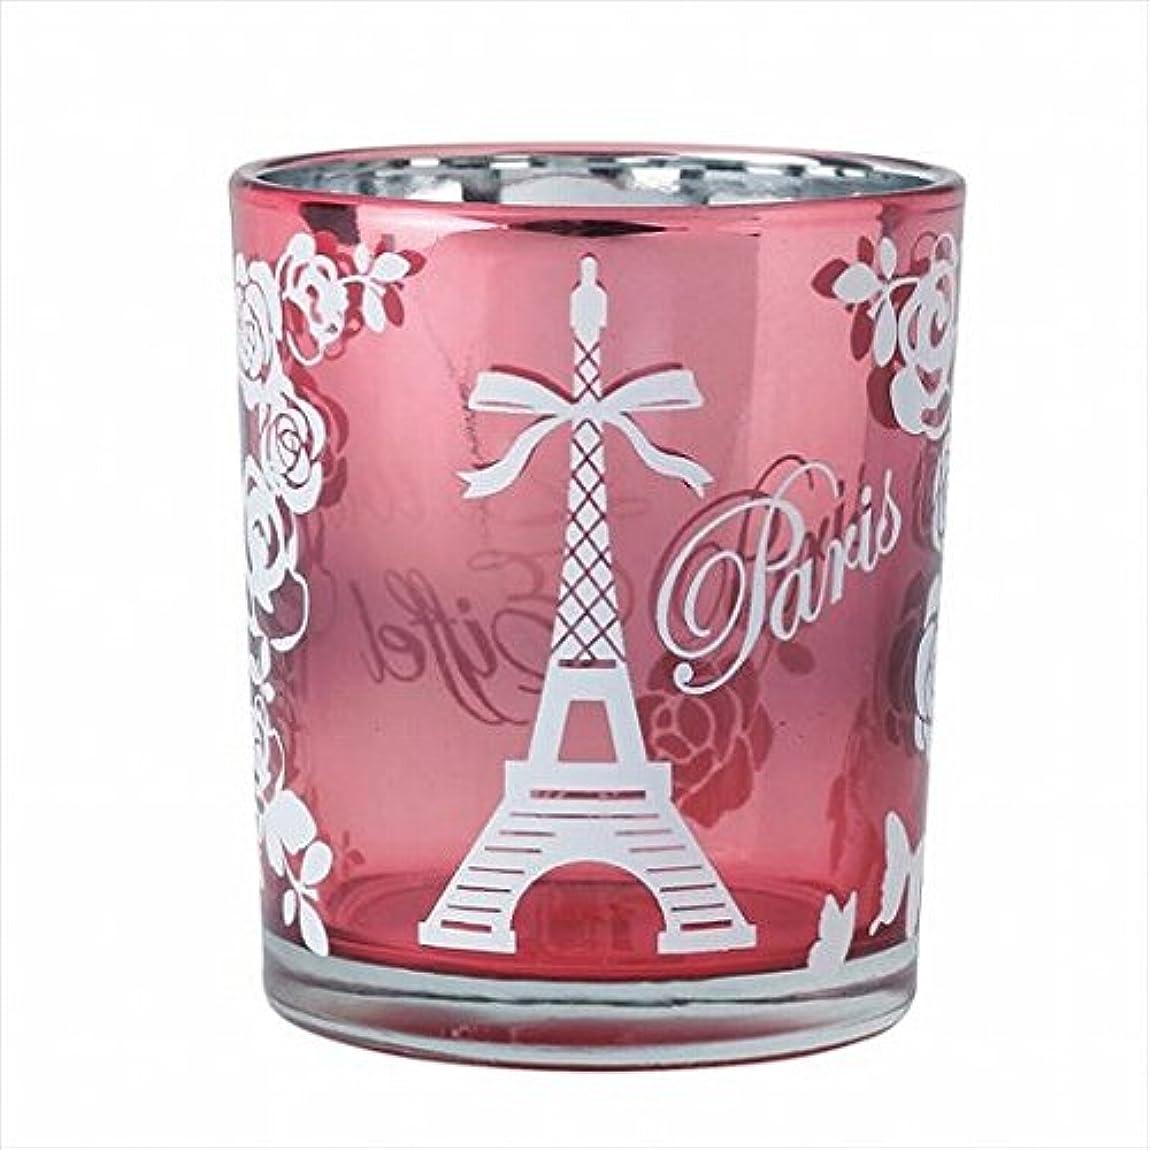 カラスメロドラマティックトランクライブラリカメヤマキャンドル(kameyama candle) エッフェル塔オーロラカップ 「 ピンク 」